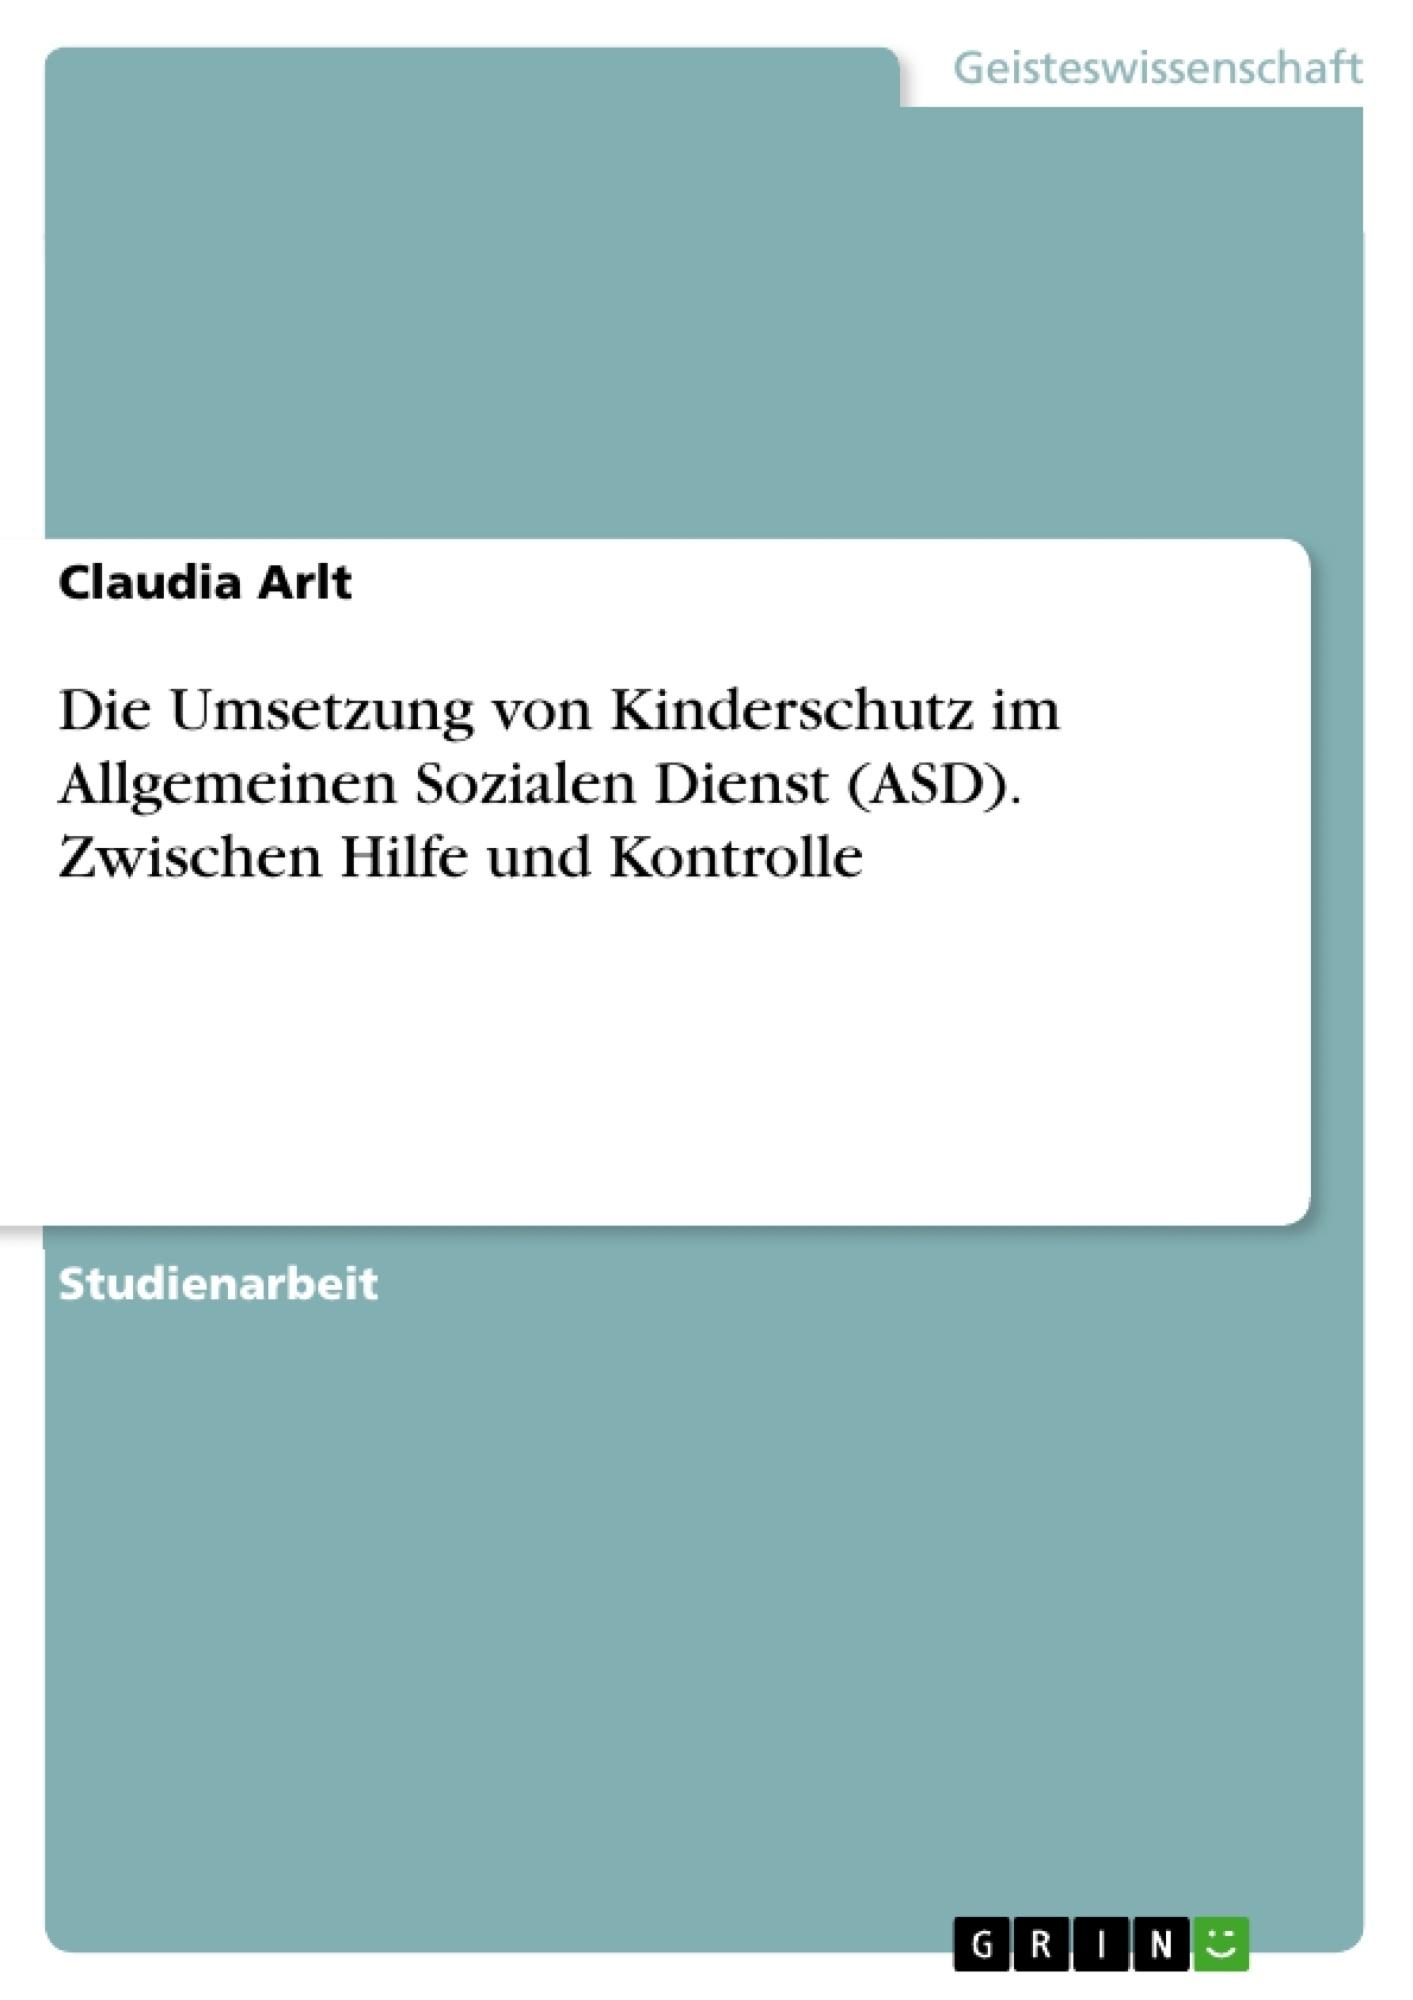 Titel: Die Umsetzung von Kinderschutz im Allgemeinen Sozialen Dienst (ASD). Zwischen Hilfe und Kontrolle